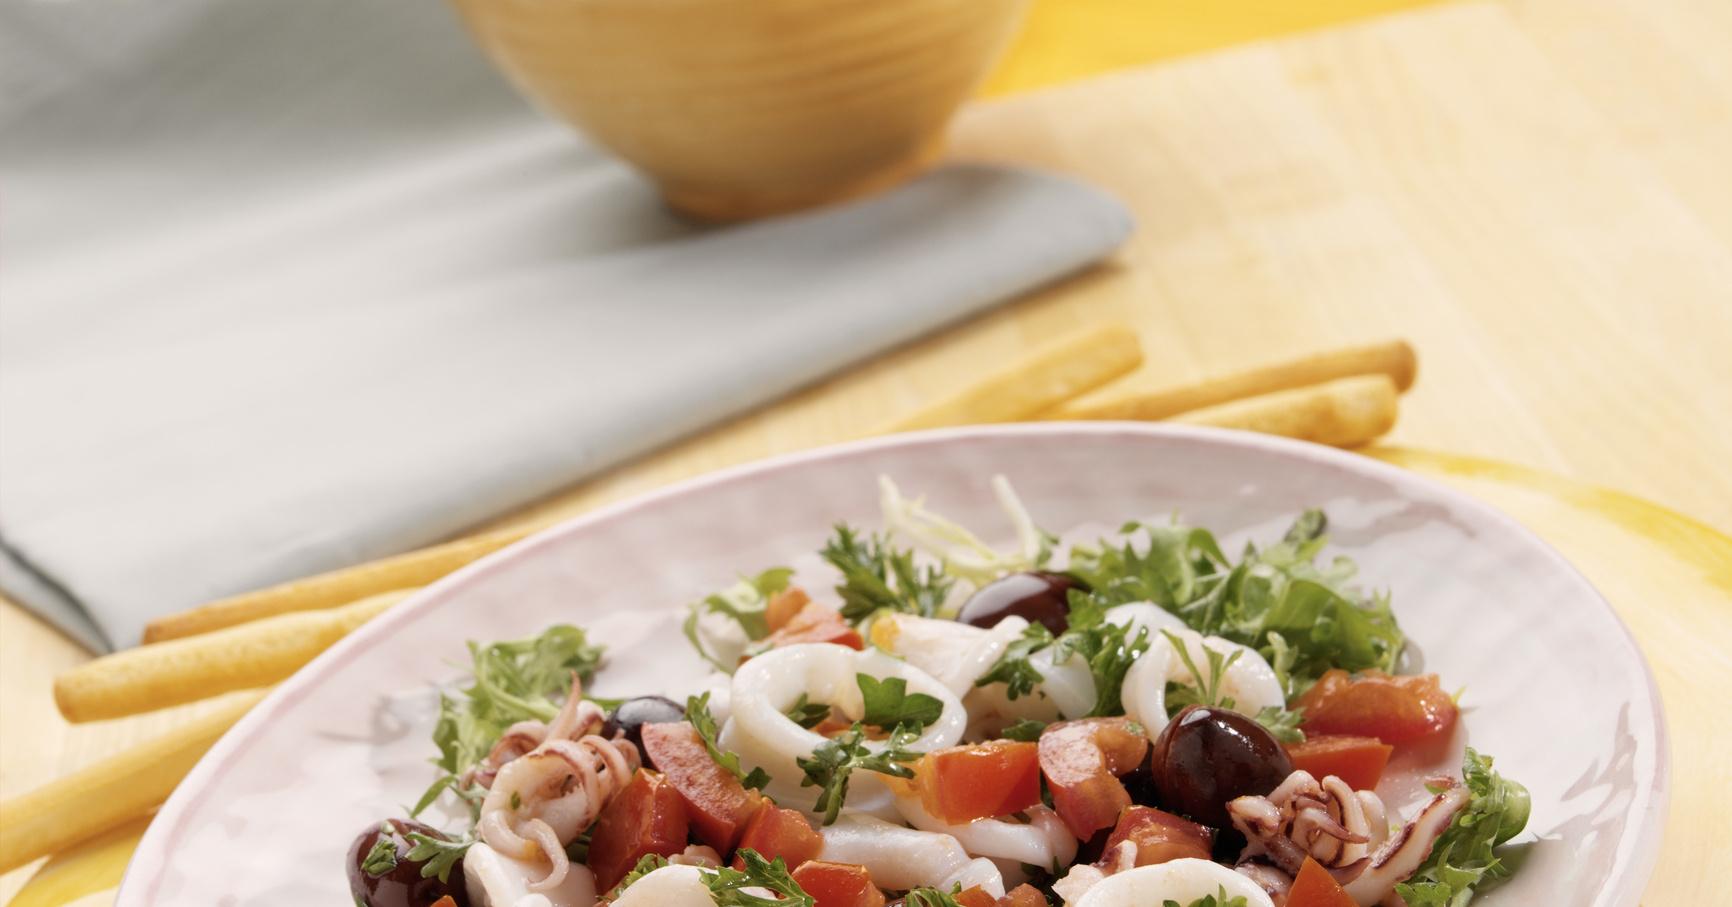 кальмар для похудения рецепты в домашних